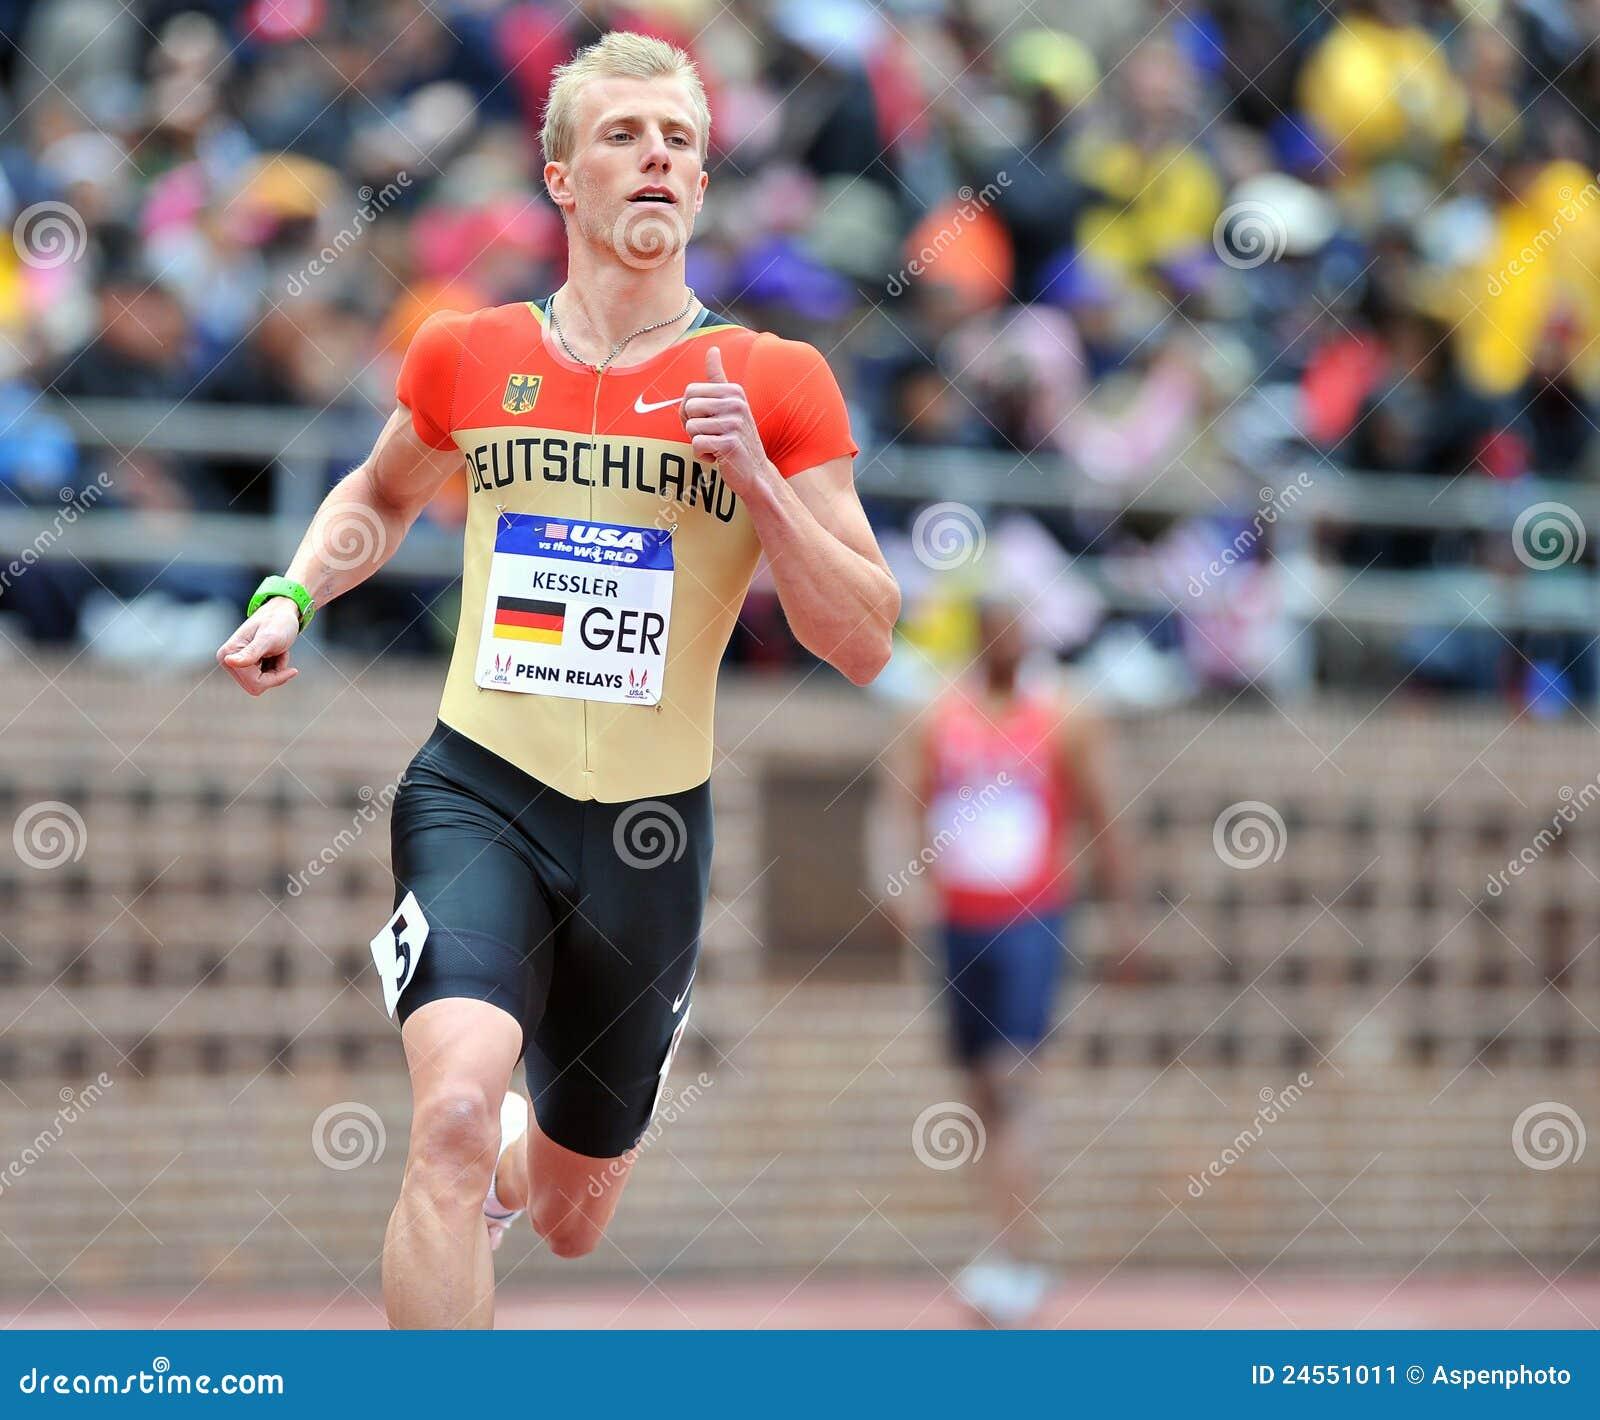 Runner Runner Stream German